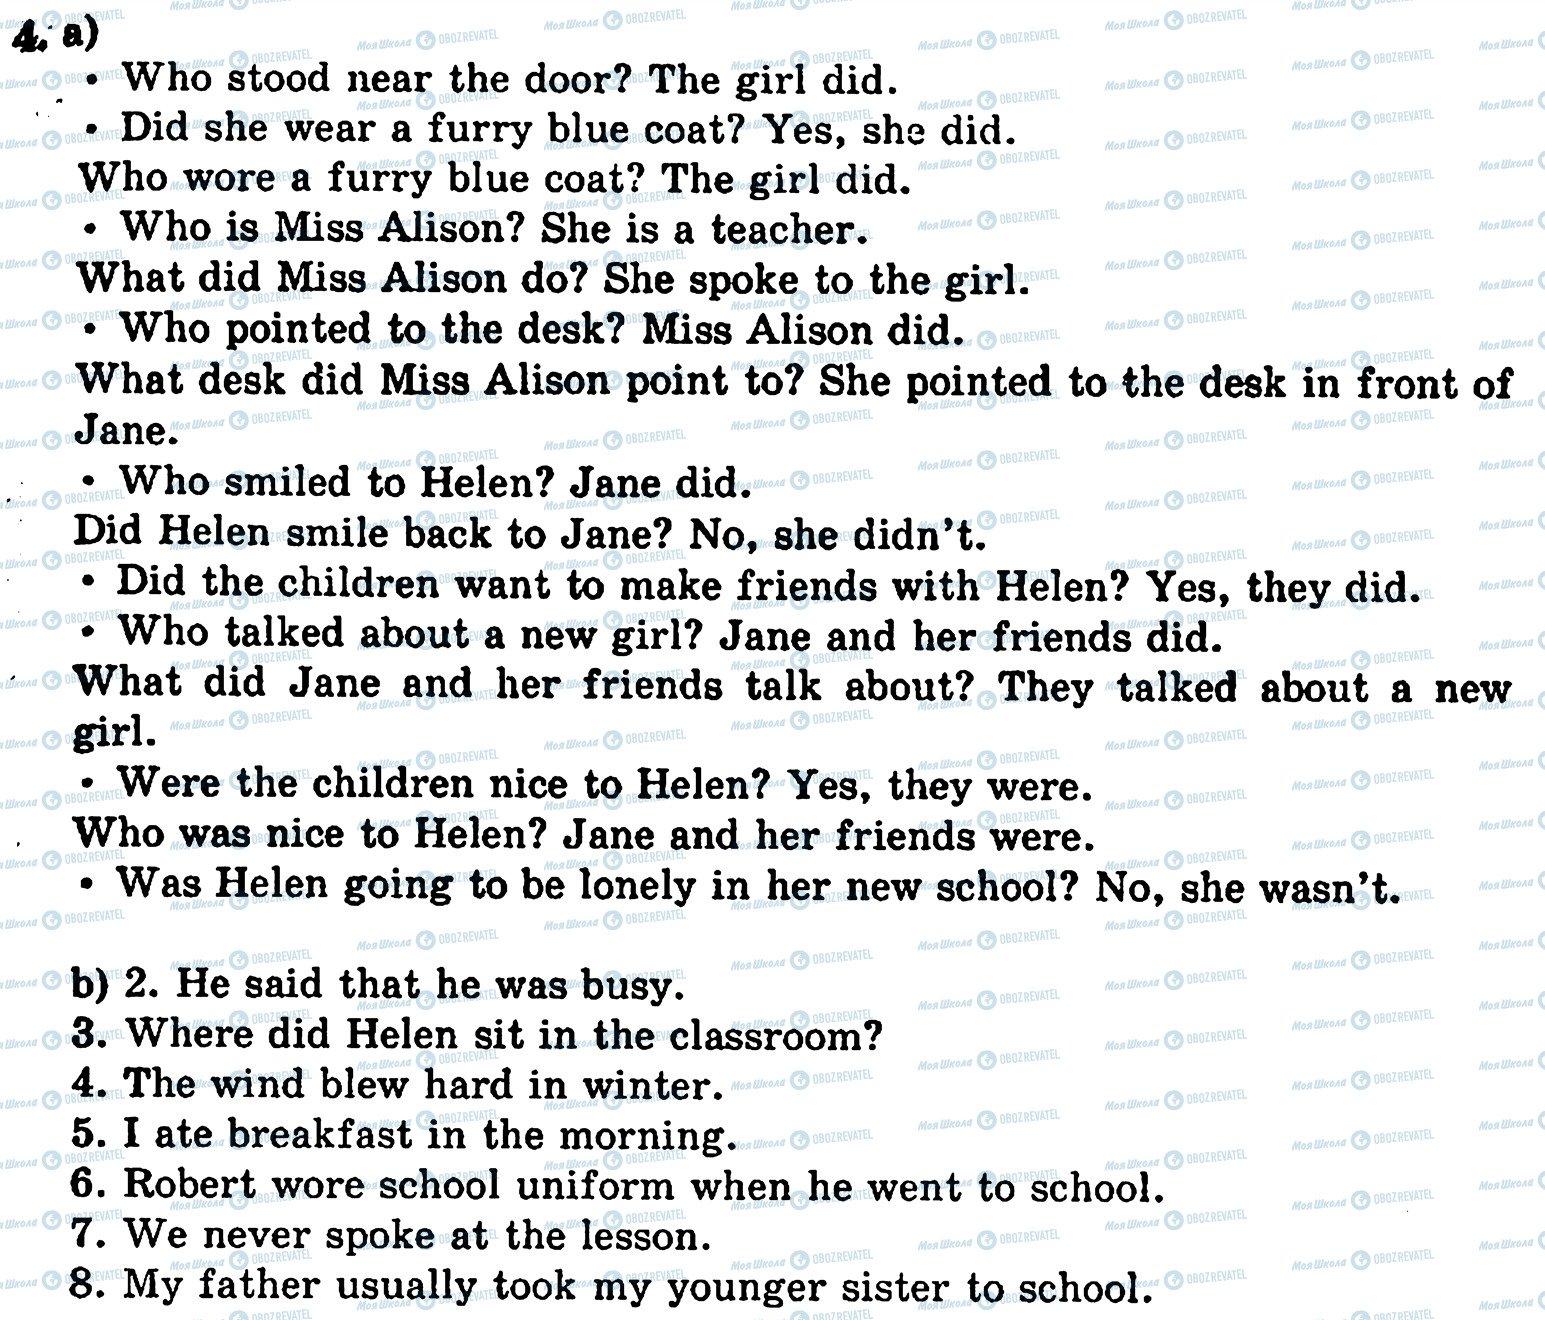 ГДЗ Английский язык 5 класс страница 4